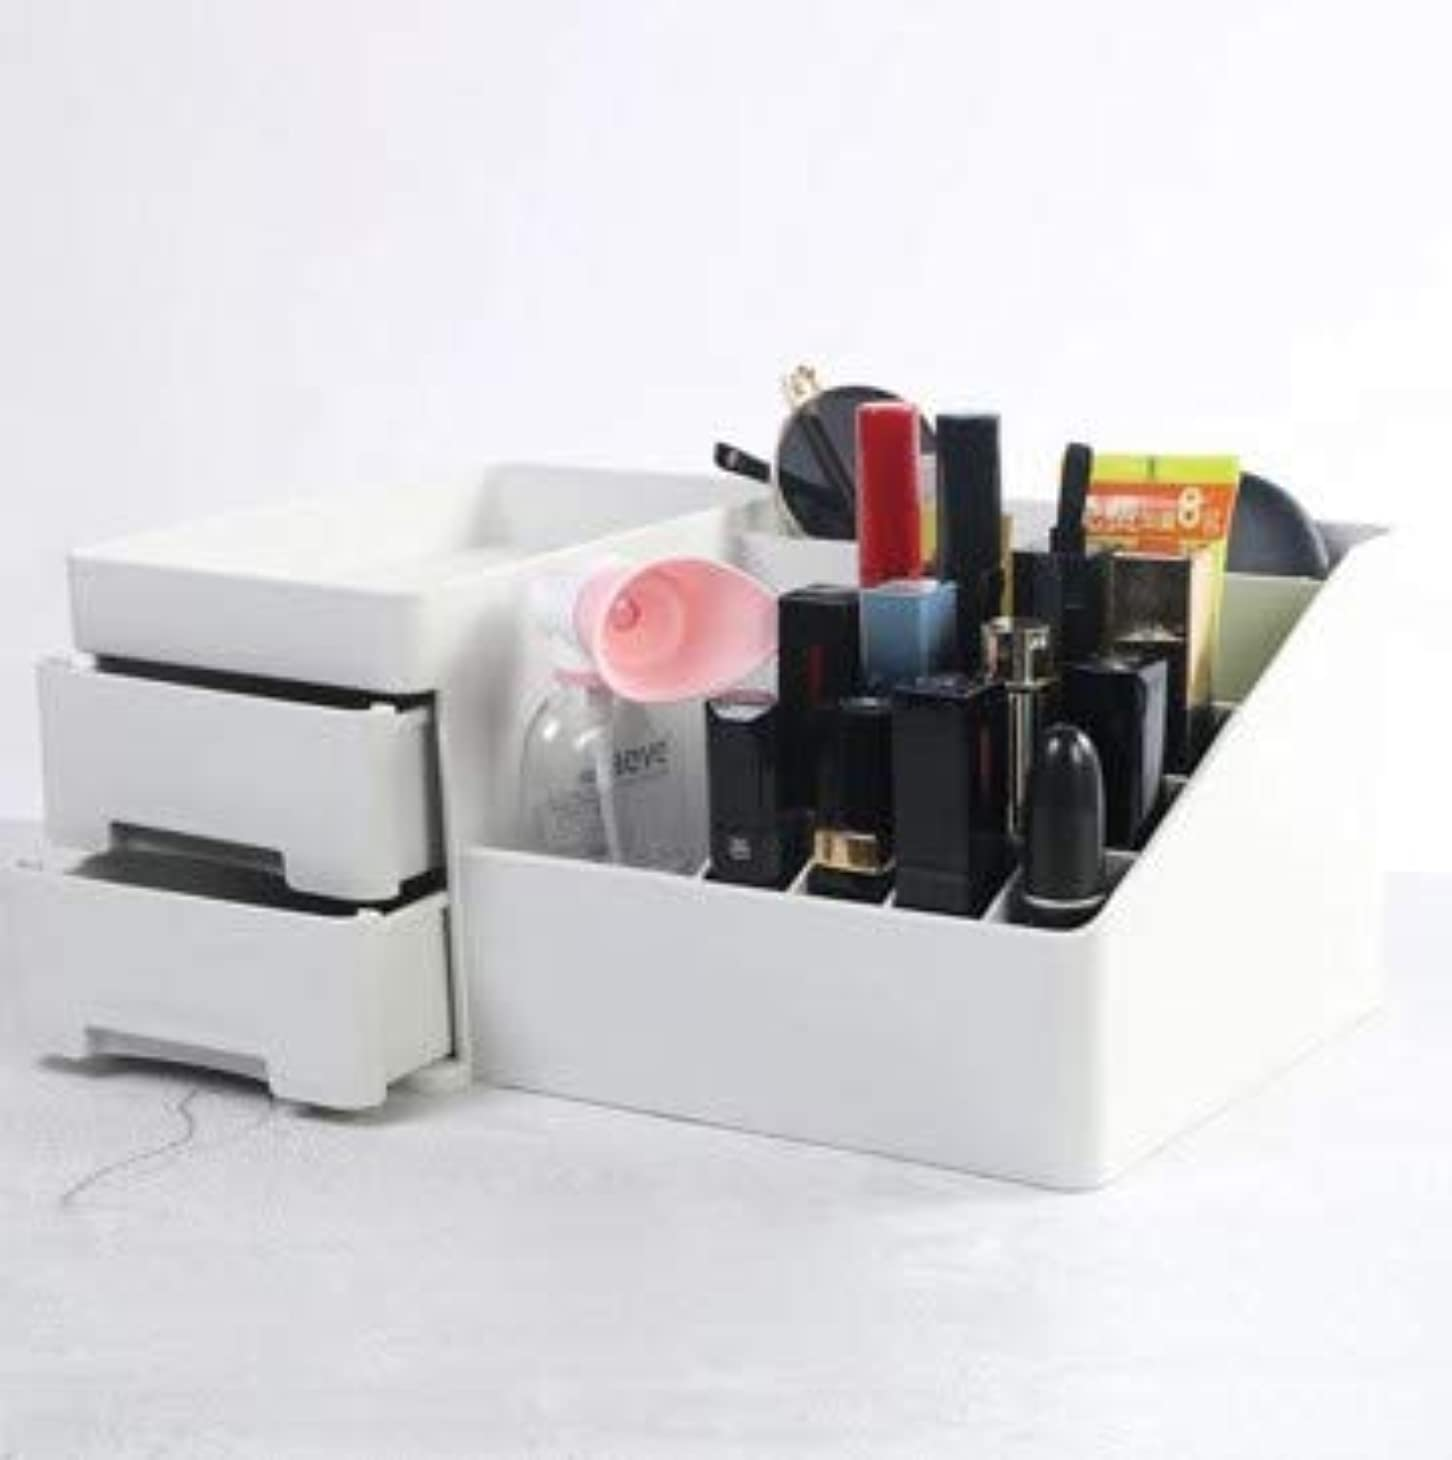 理論的自発スカープデスクトップ引き出し型化粧品収納ボックスプラスチックドレッシング収納ホーム収納ボックス (Color : グレー)